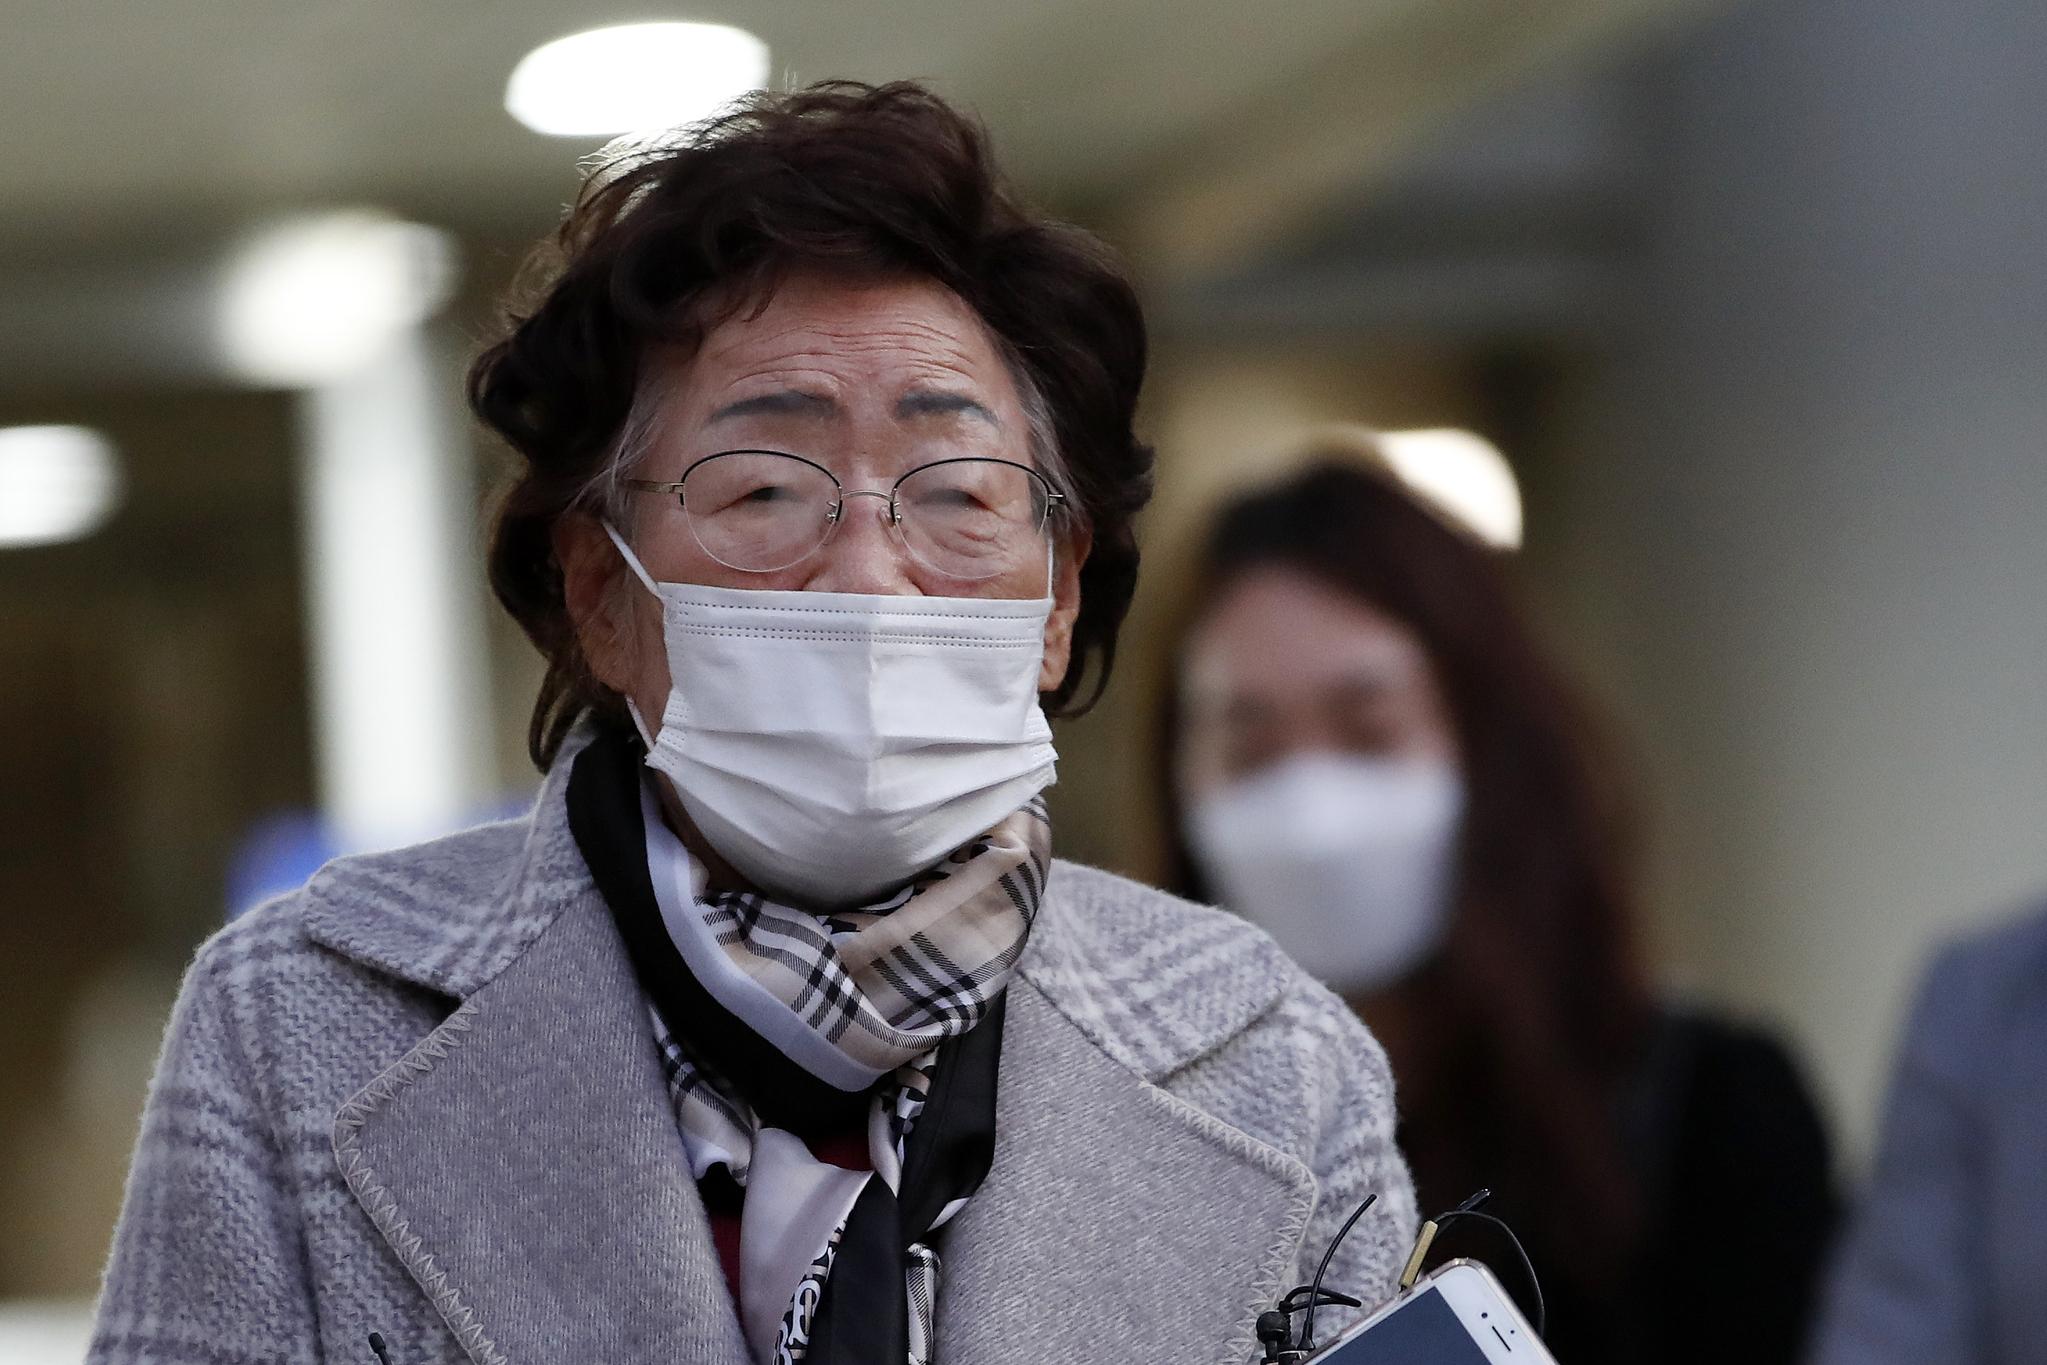 위안부 피해자이자 인권운동가인 이용수 할머니가 지난해 11월 11일 오후 서울 서초구 서울중앙지방법원에서 열린 일본군 위안부 피해자와 유족들이 일본을 상대로 제기한 손해배상 청구 소송 1심에 출석해 진술을 마치고 청사를 나서며 취재진의 질문에 답하고 있다. 고(故) 곽 할머니 등 위안부 피해자와 숨진 피해자의 유족 20명은 2016년 12월 일본정부를 상대로 한국 법원에 손해배상을 청구하는 소송을 냈다. 뉴스1